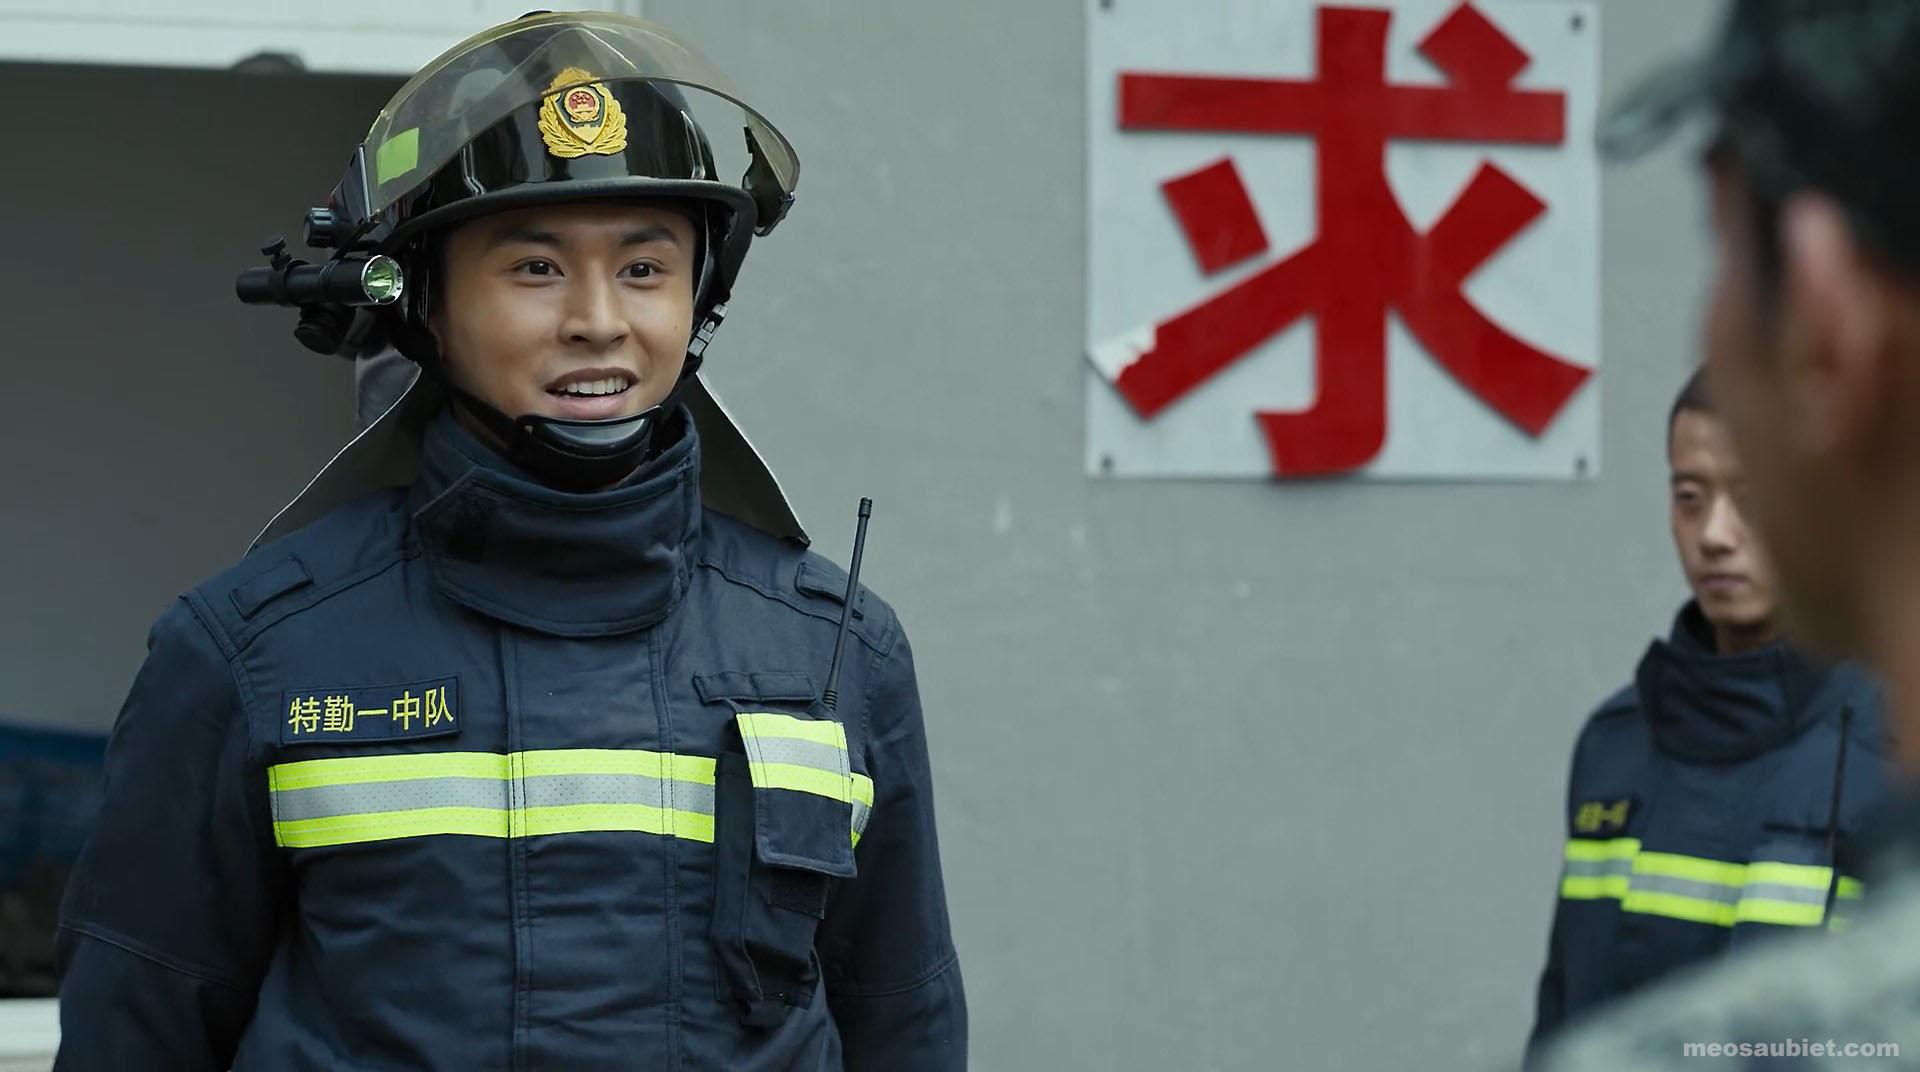 Liệt hỏa anh hùng 2019 Trương Triết Hãn trong vai Trịnh Chí